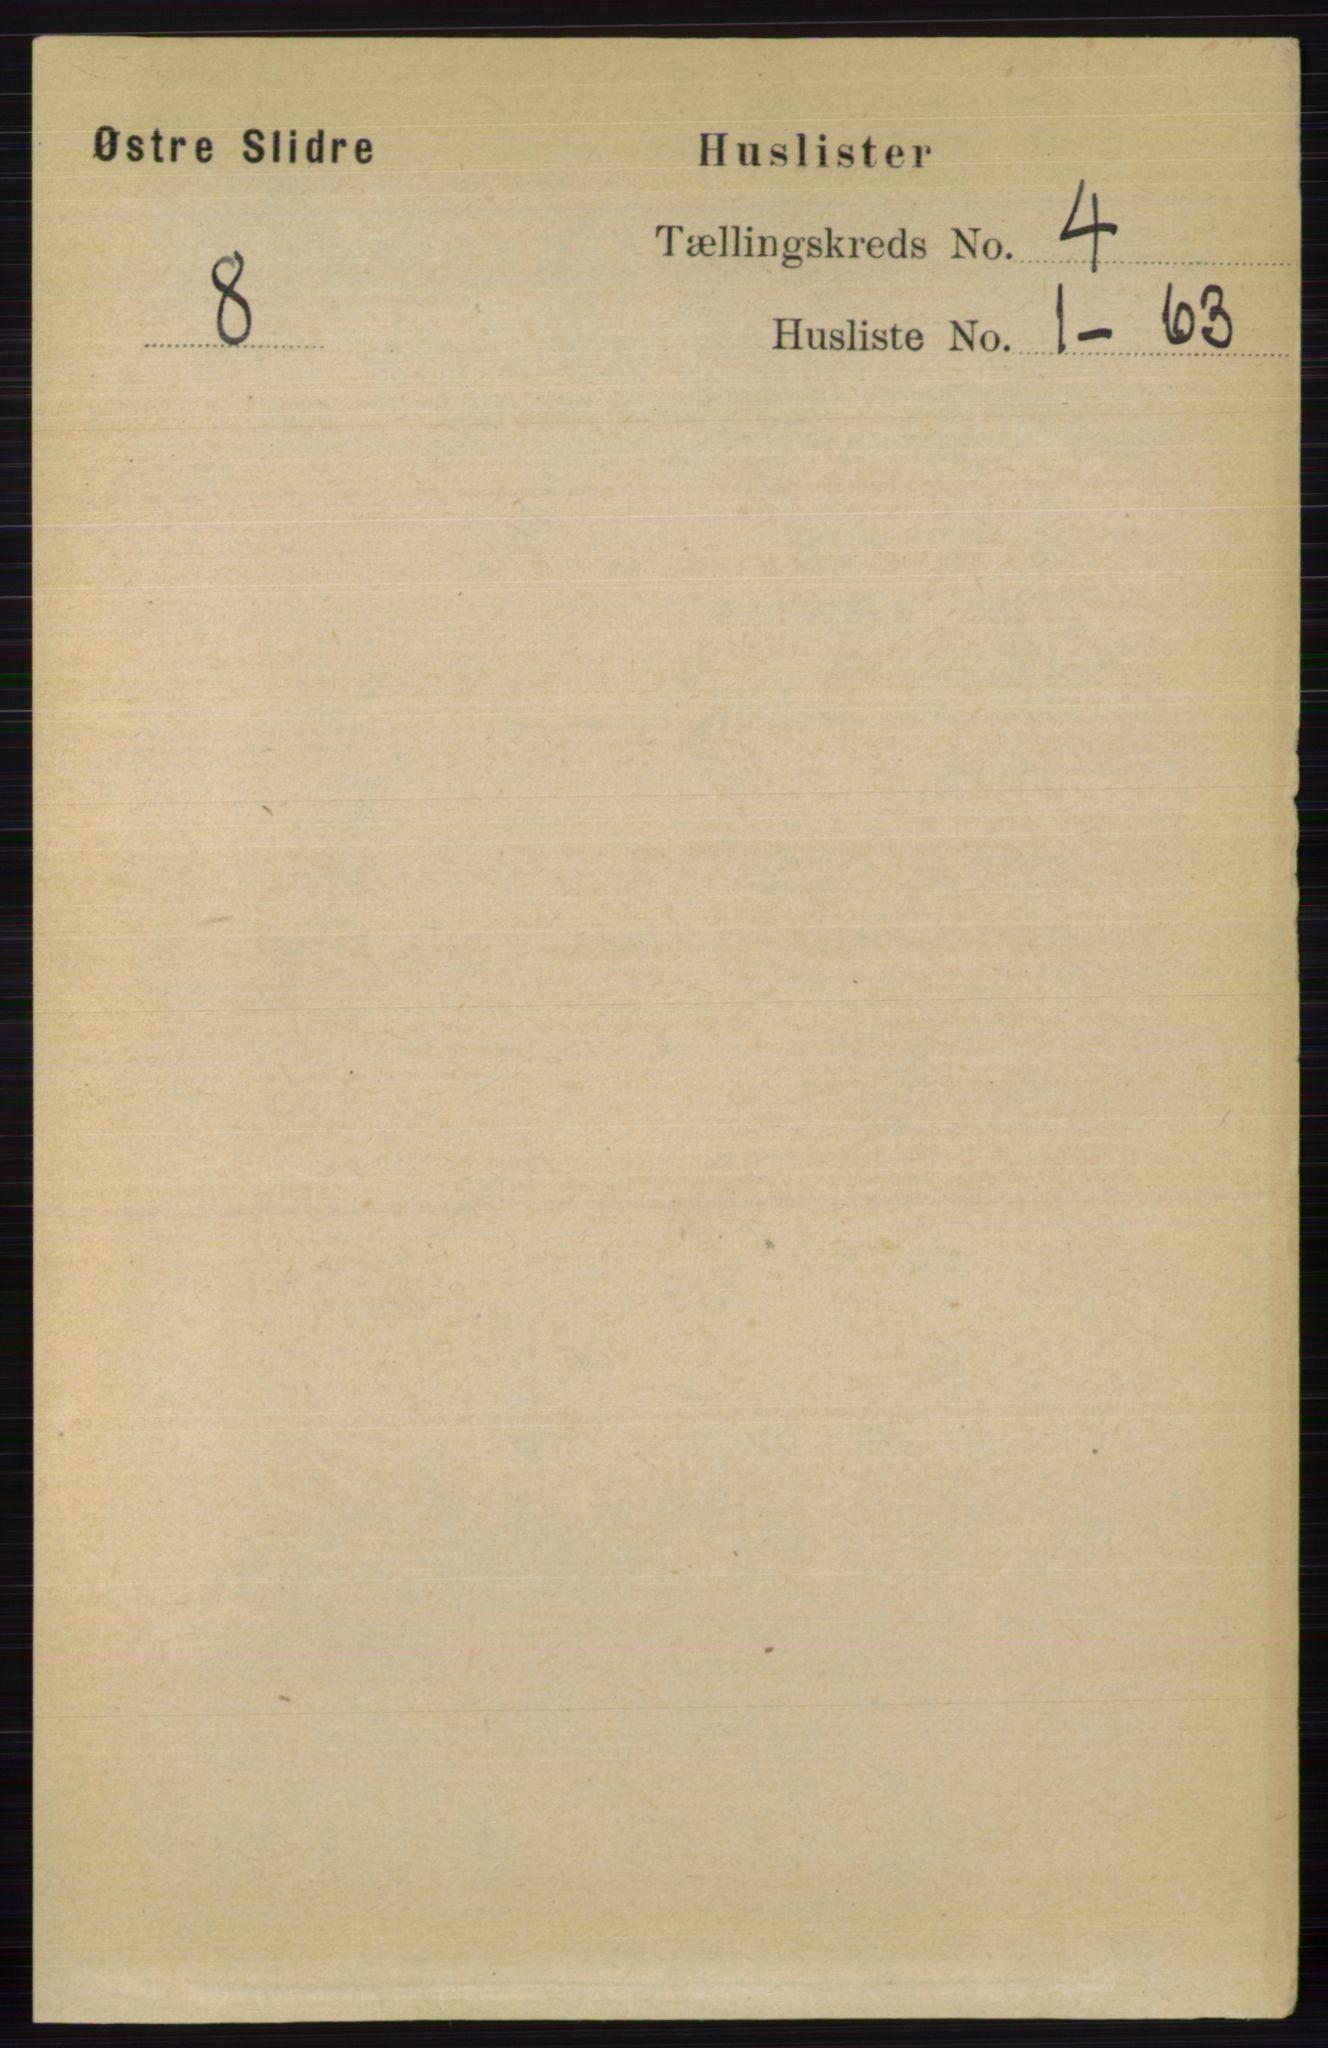 RA, Folketelling 1891 for 0544 Øystre Slidre herred, 1891, s. 1070